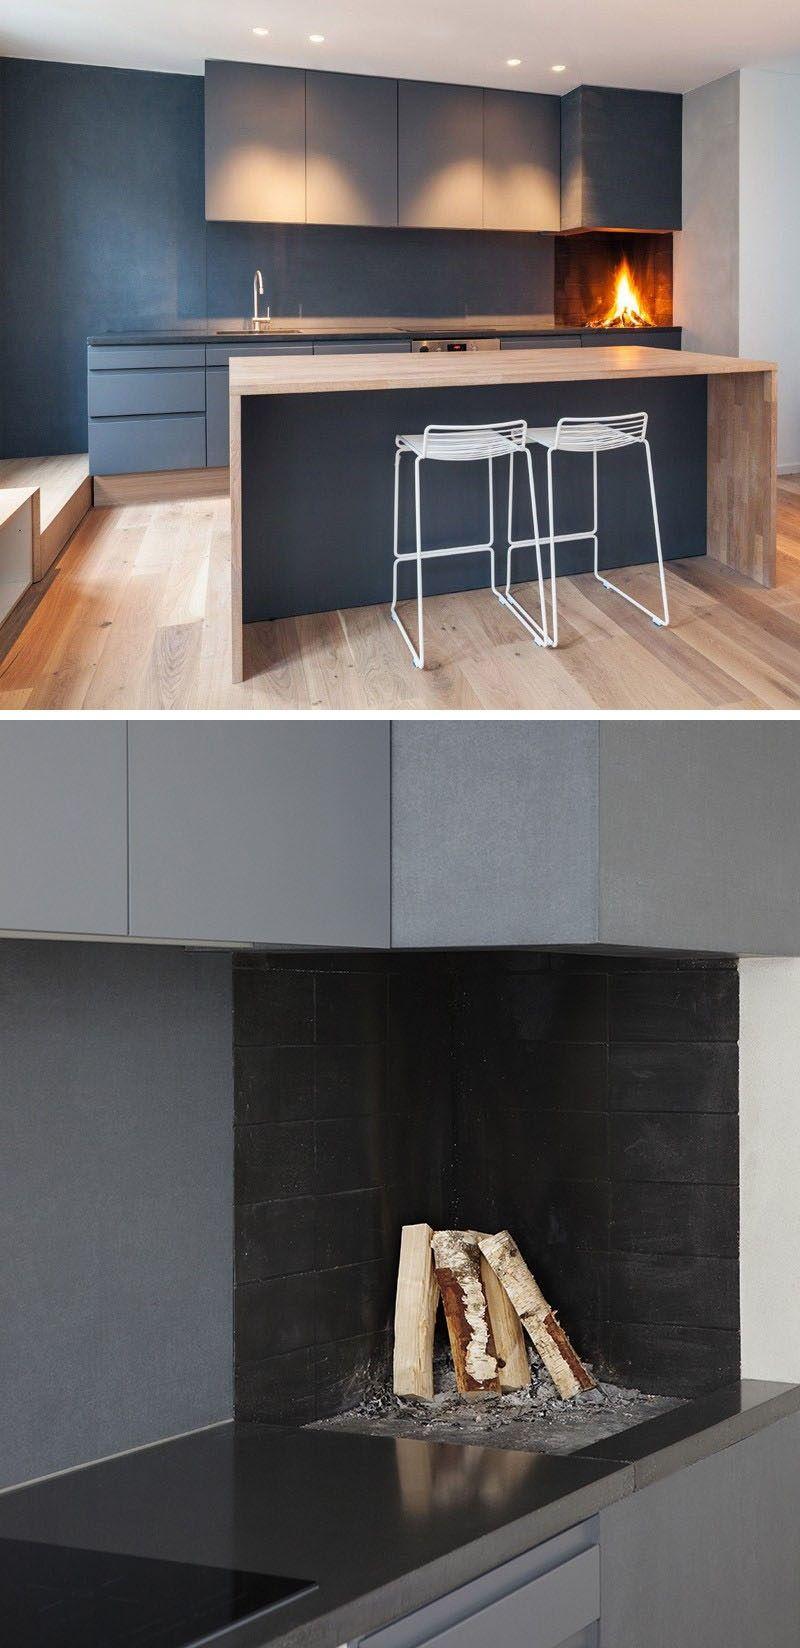 Küche Design Ideen gehören A gebaut In Holz Feuer Ofen oder Pizza ...